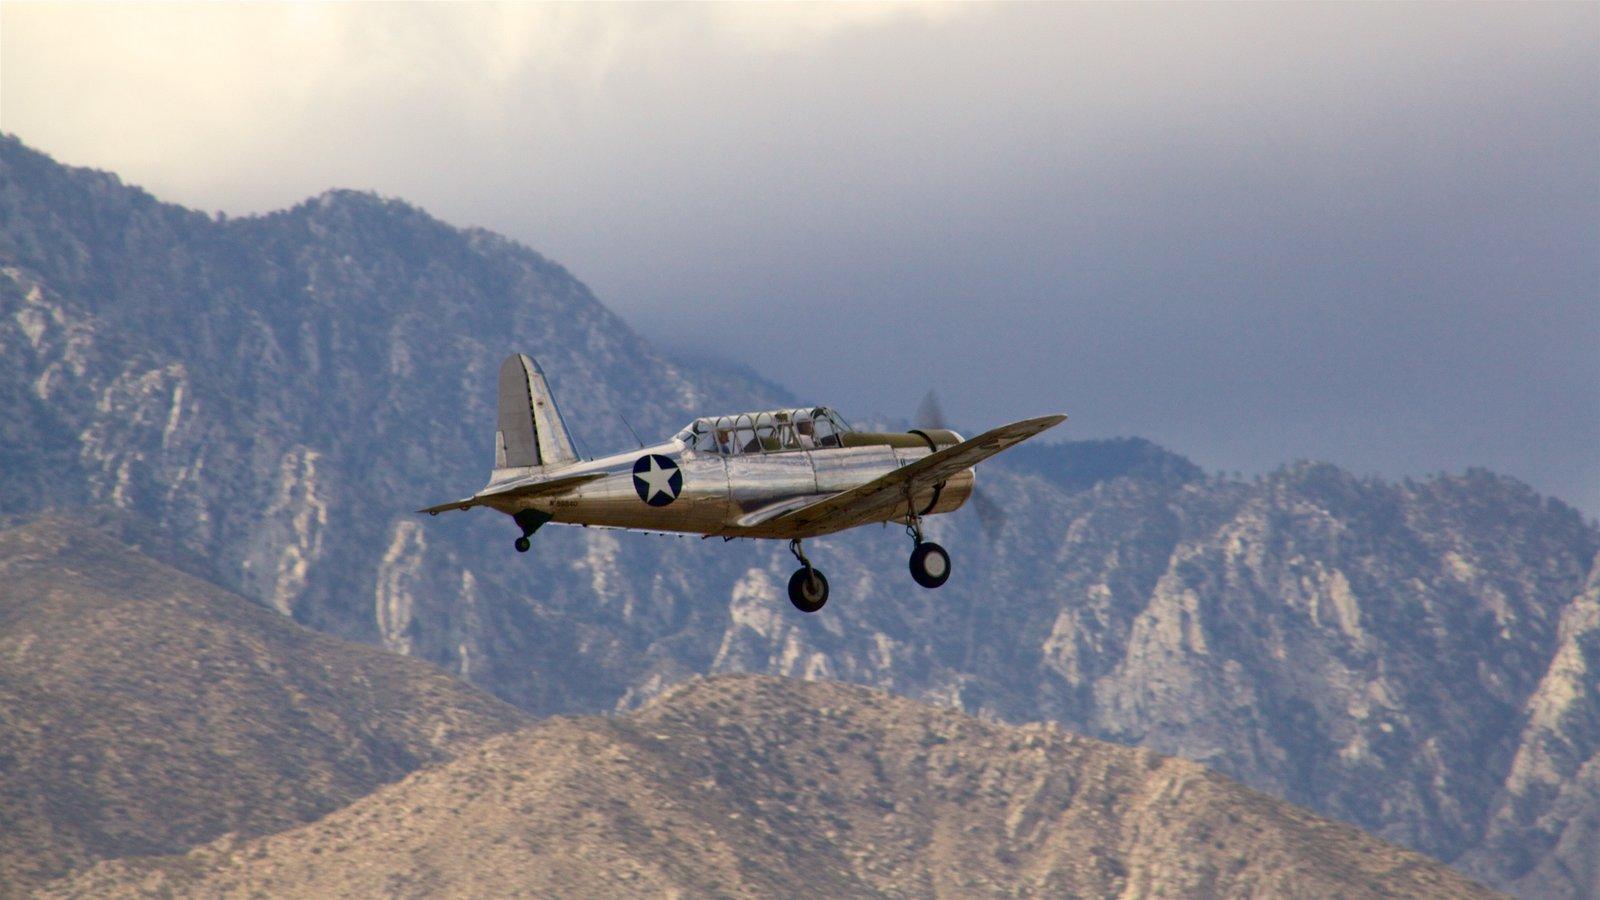 Museo Aeronáutico de Palm Springs ofreciendo elementos del patrimonio, una aeronave y montañas